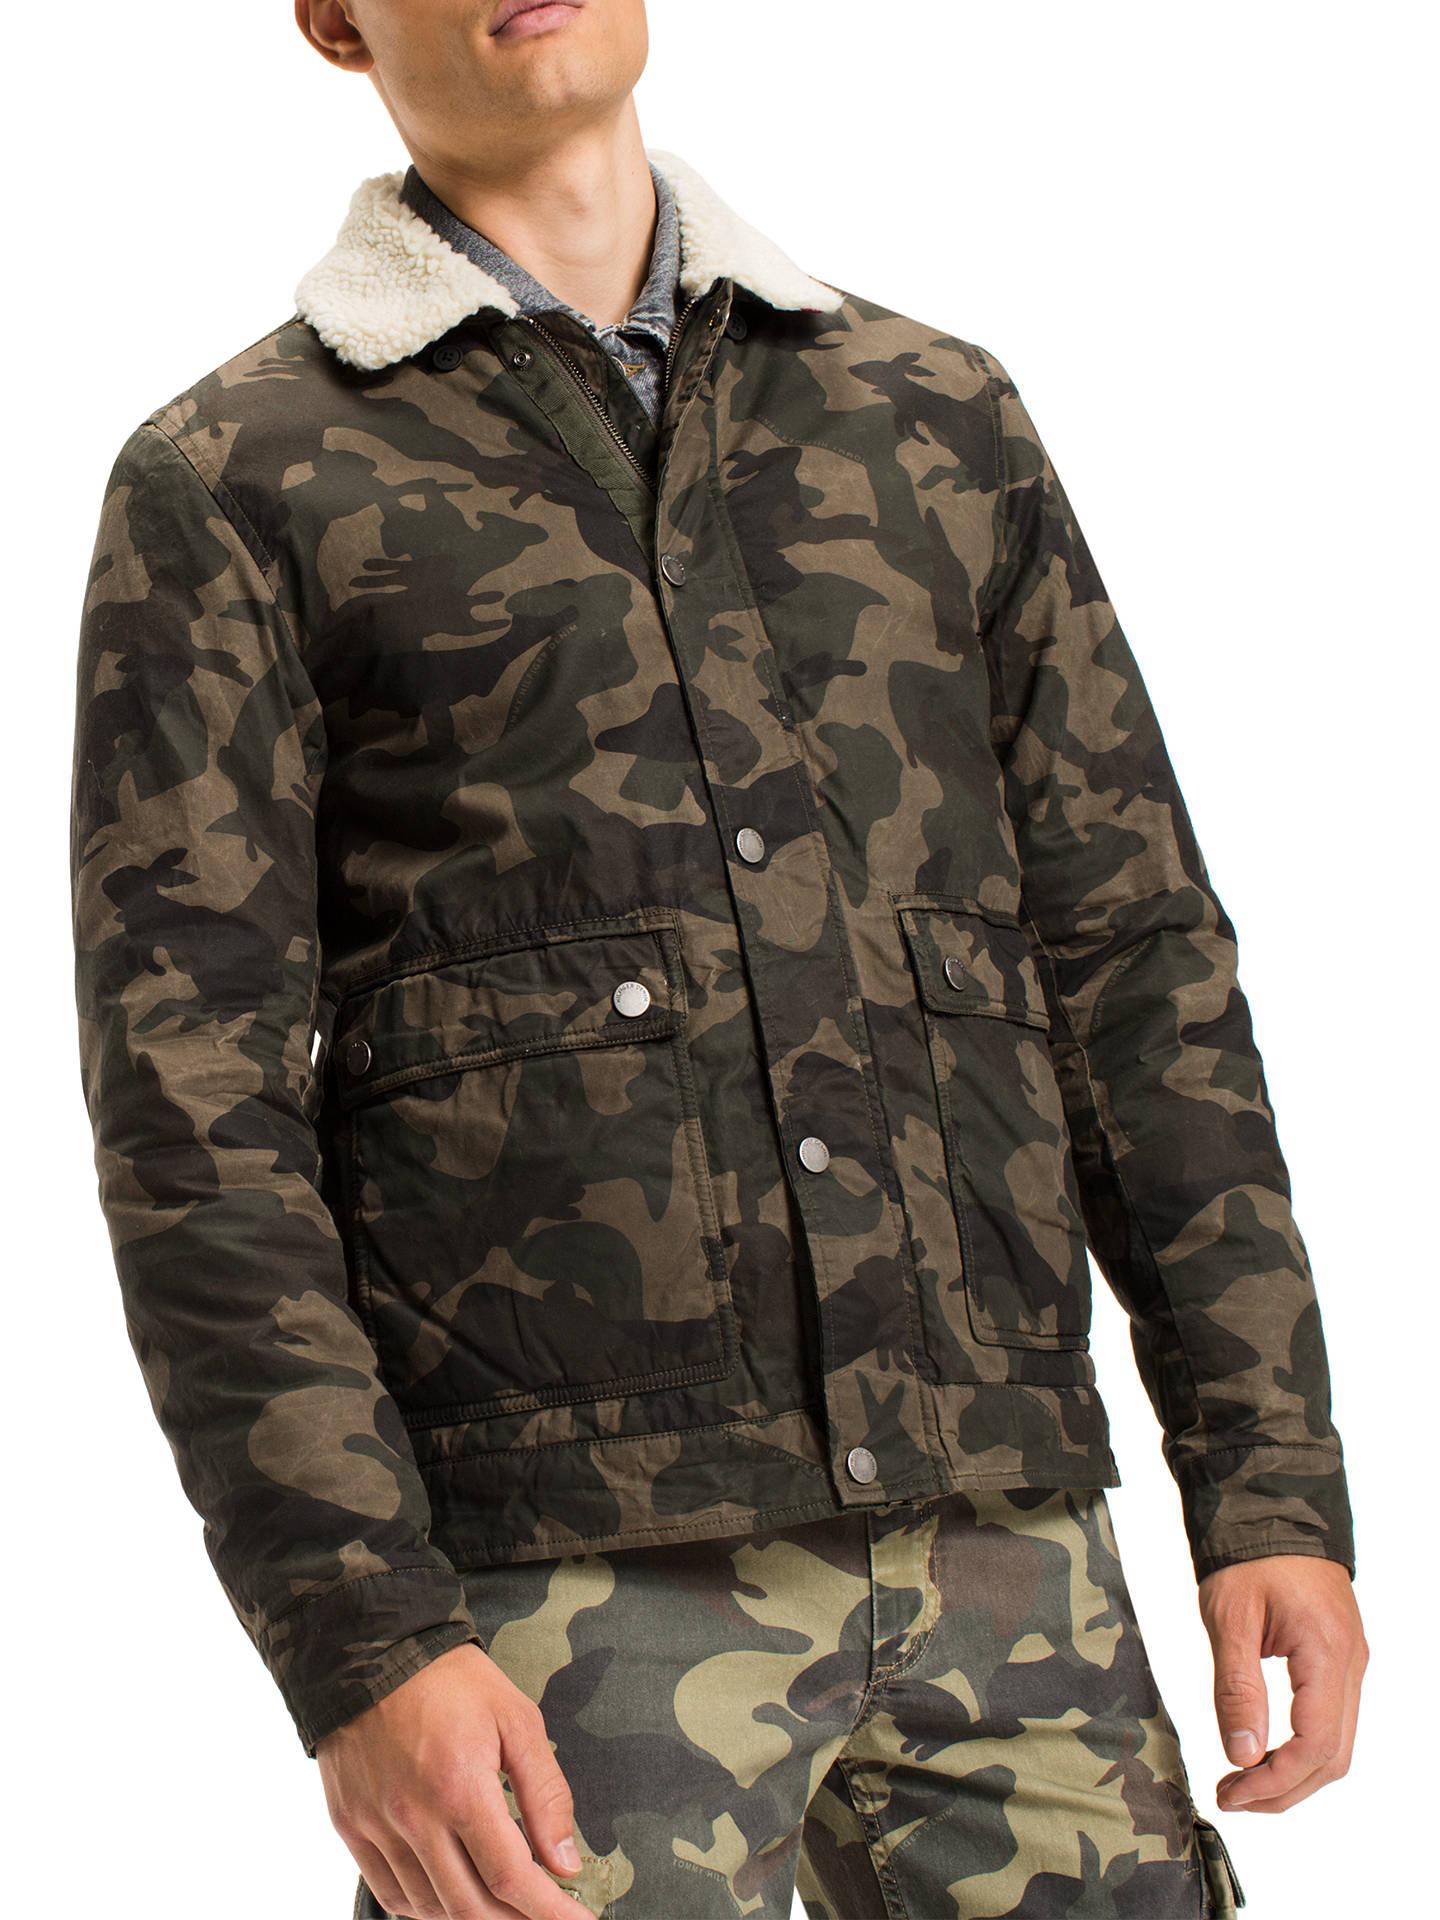 54d5eef5d Tommy Jeans Camo Sherpa Jacket